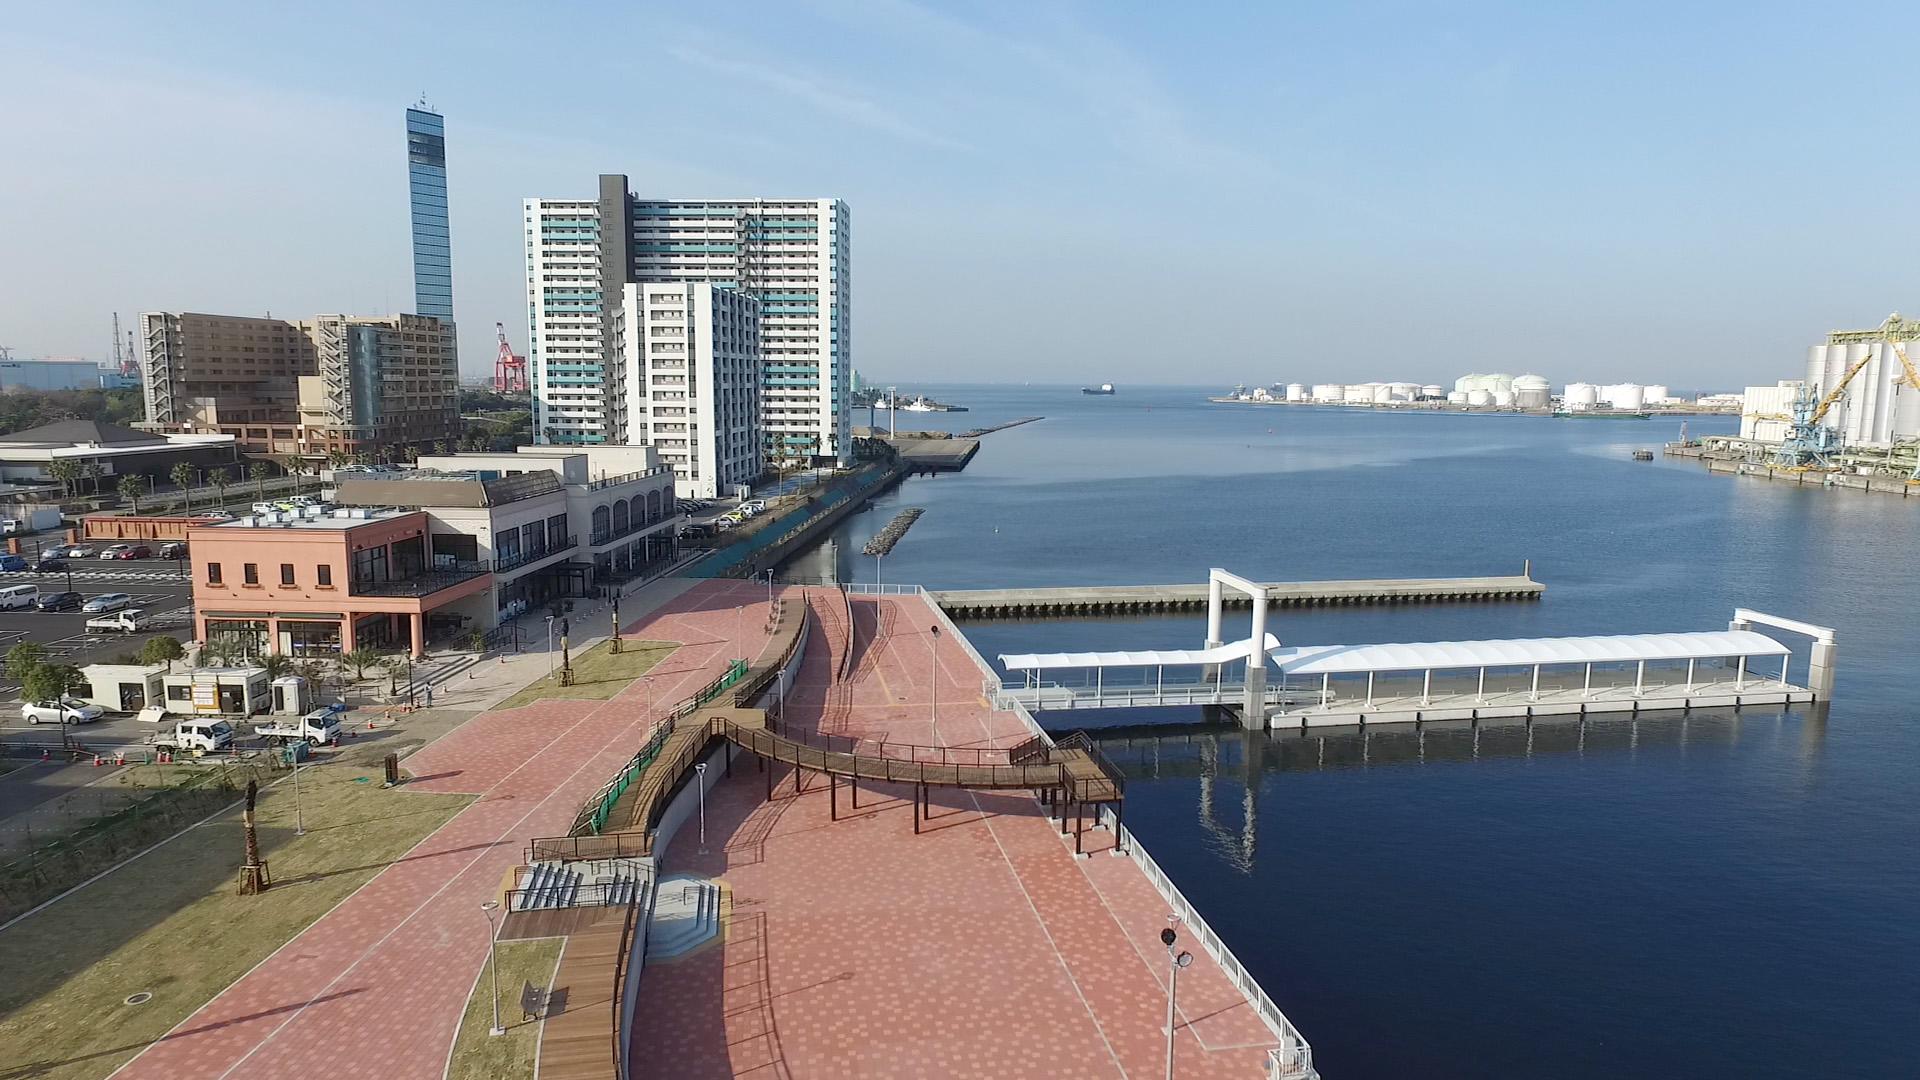 「千葉みなと桟橋(千葉県千葉市中央区中央港1-20-1)」の画像検索結果